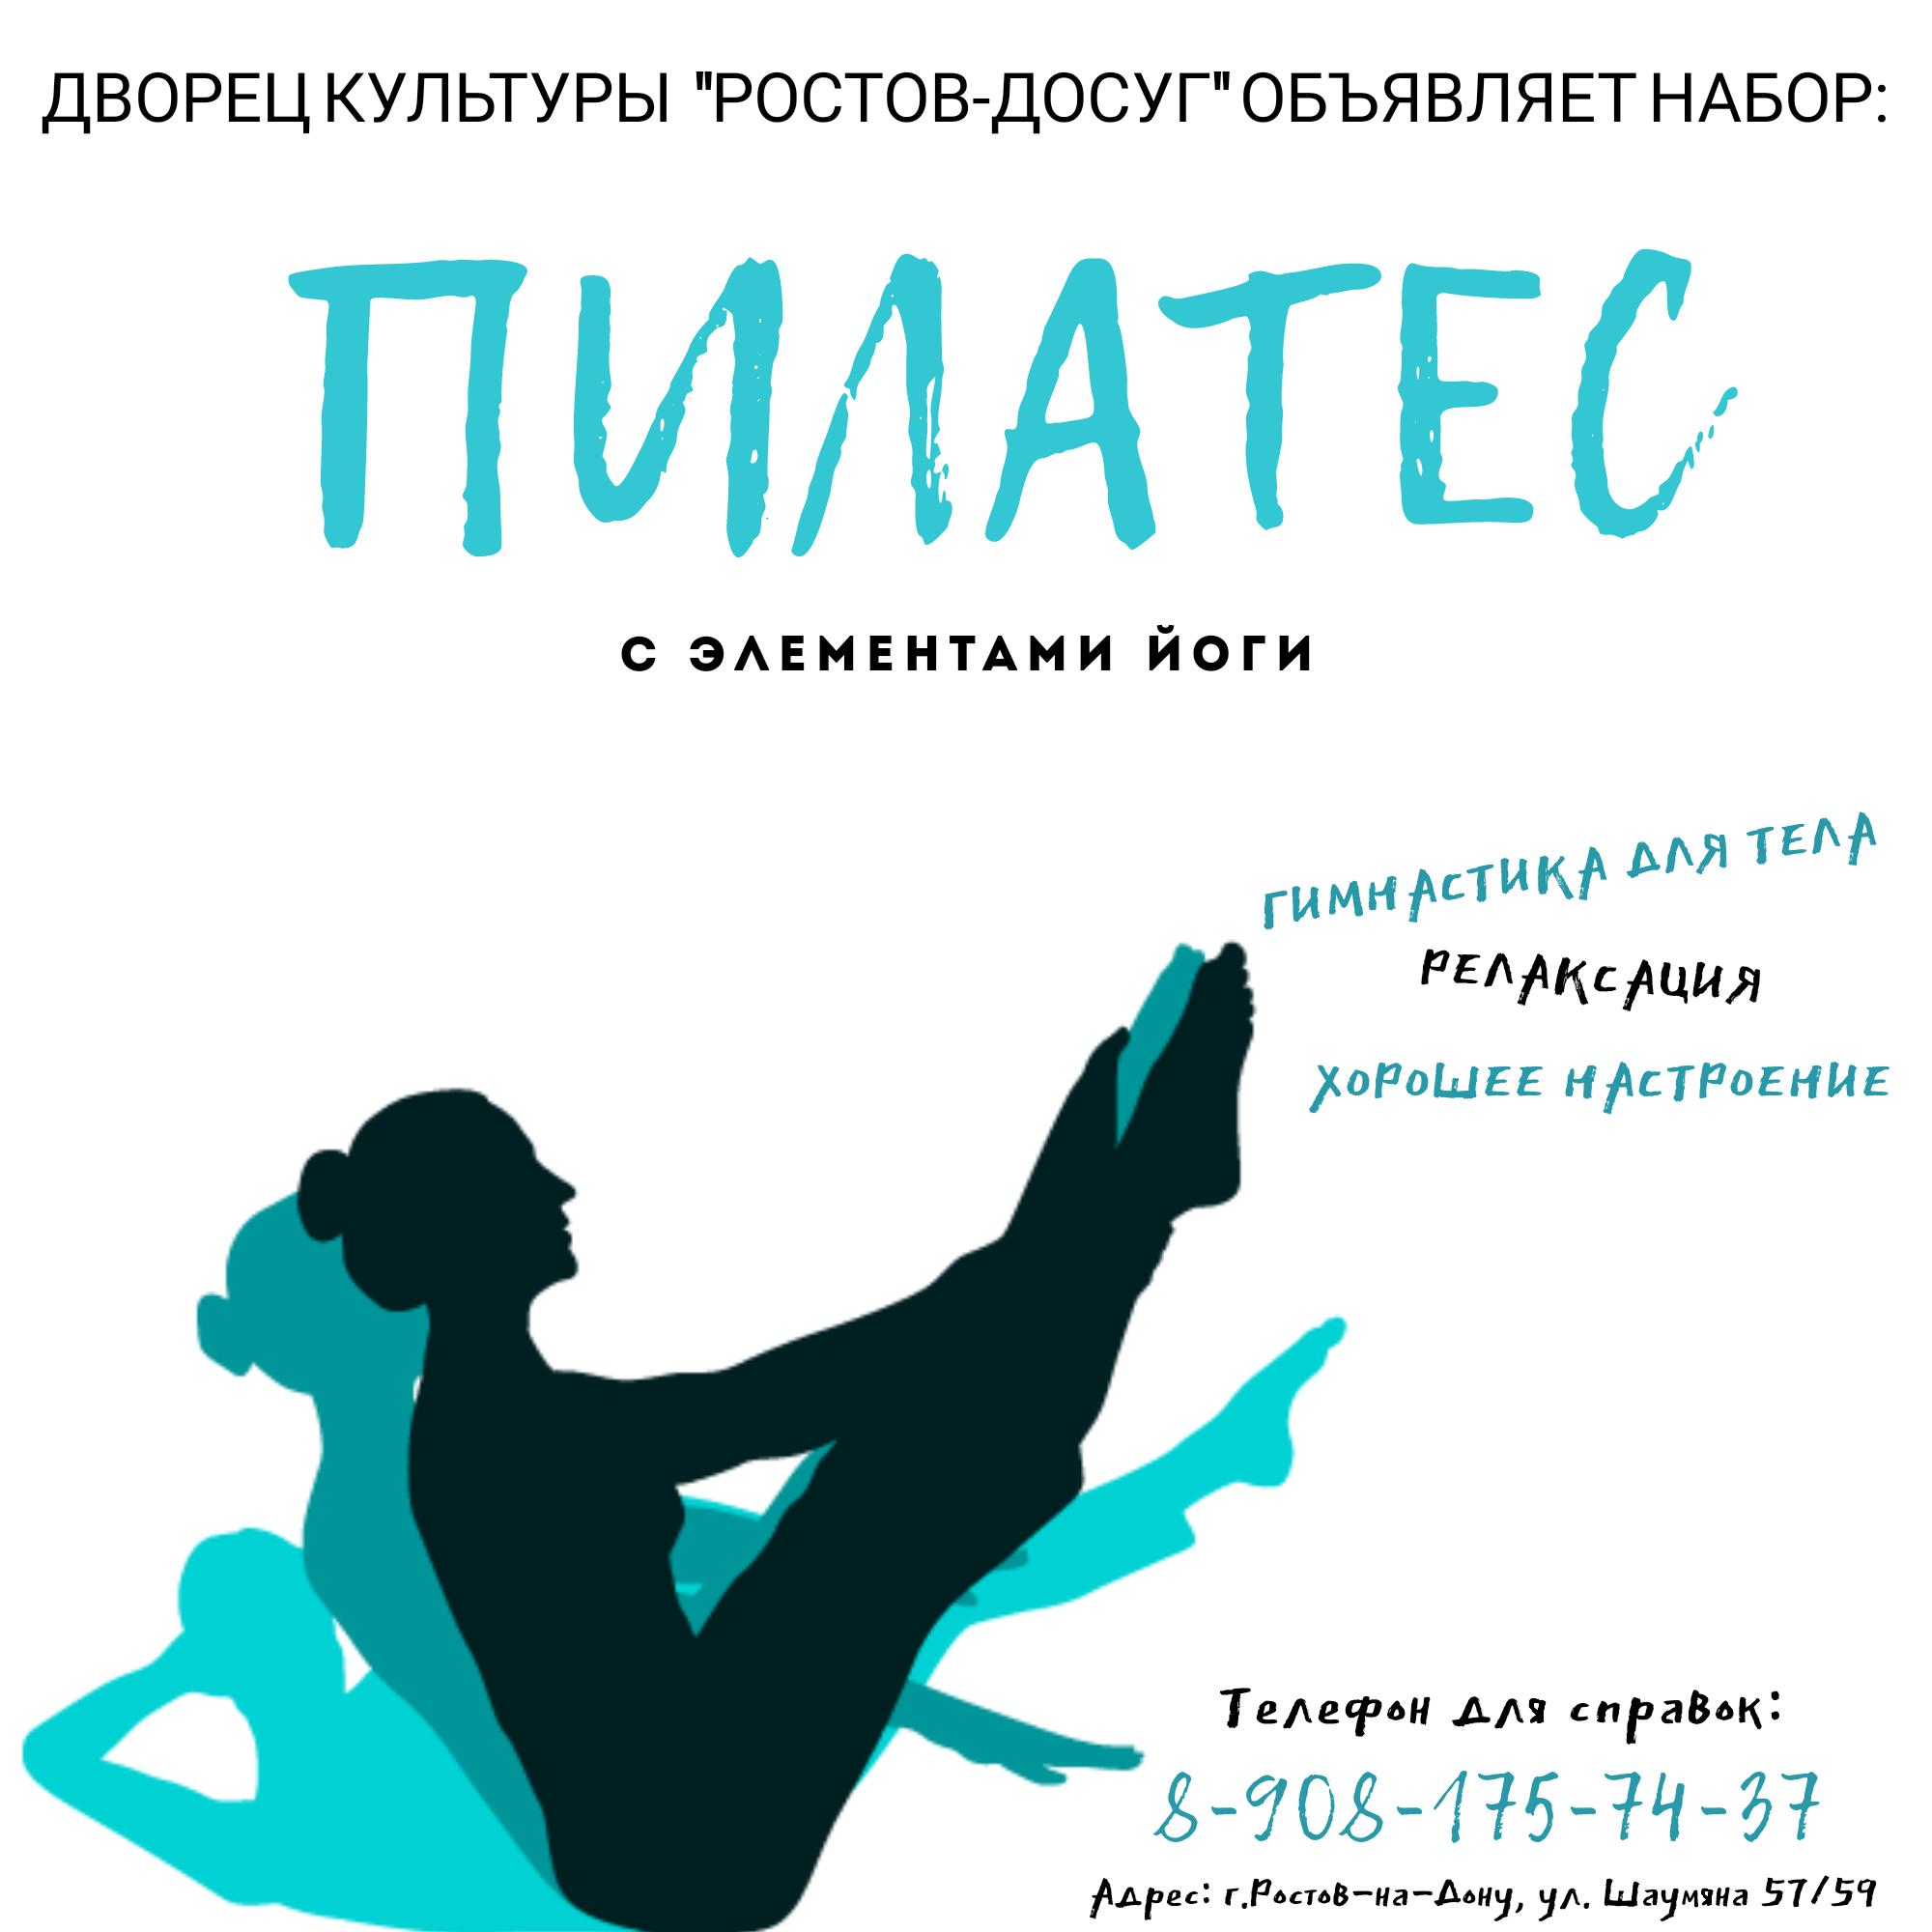 Открыт набор в группу занятий ПИЛАТЕС с элементами йоги